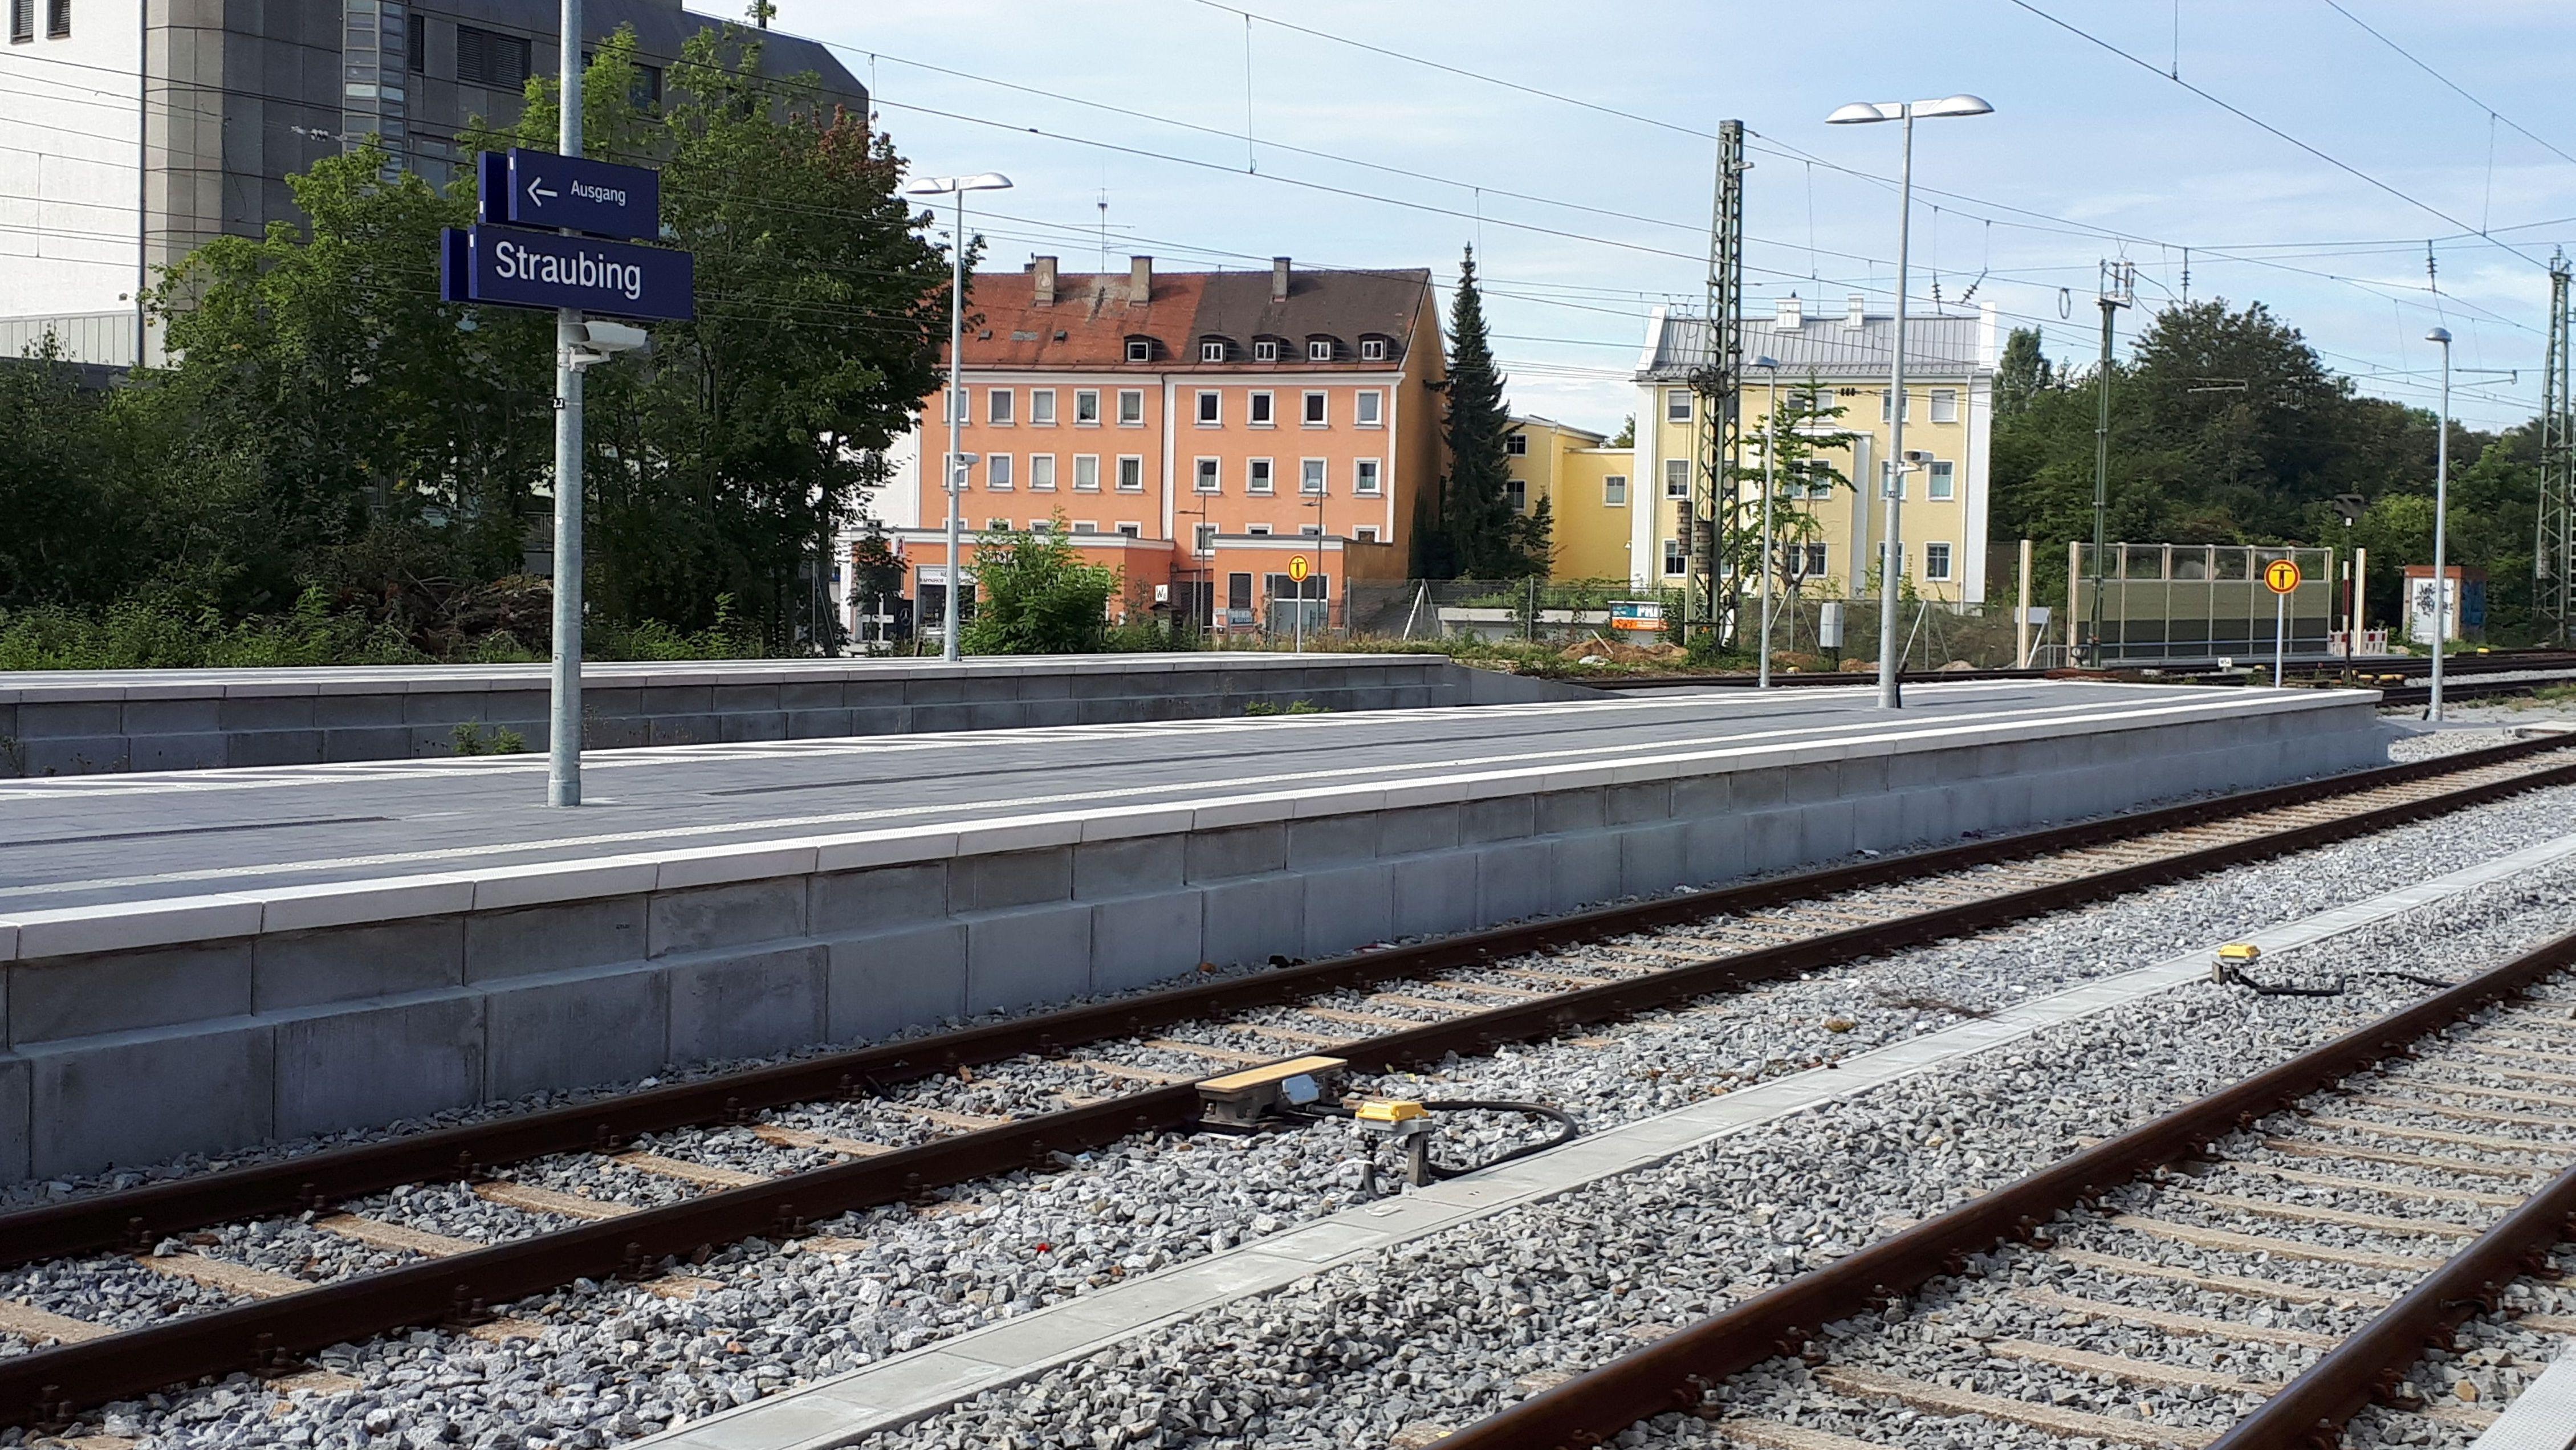 Am Straubinger Bahnhof wurde der Bahnsteig erhöht, damit ab sofort täglich zwei ICE anhalten können